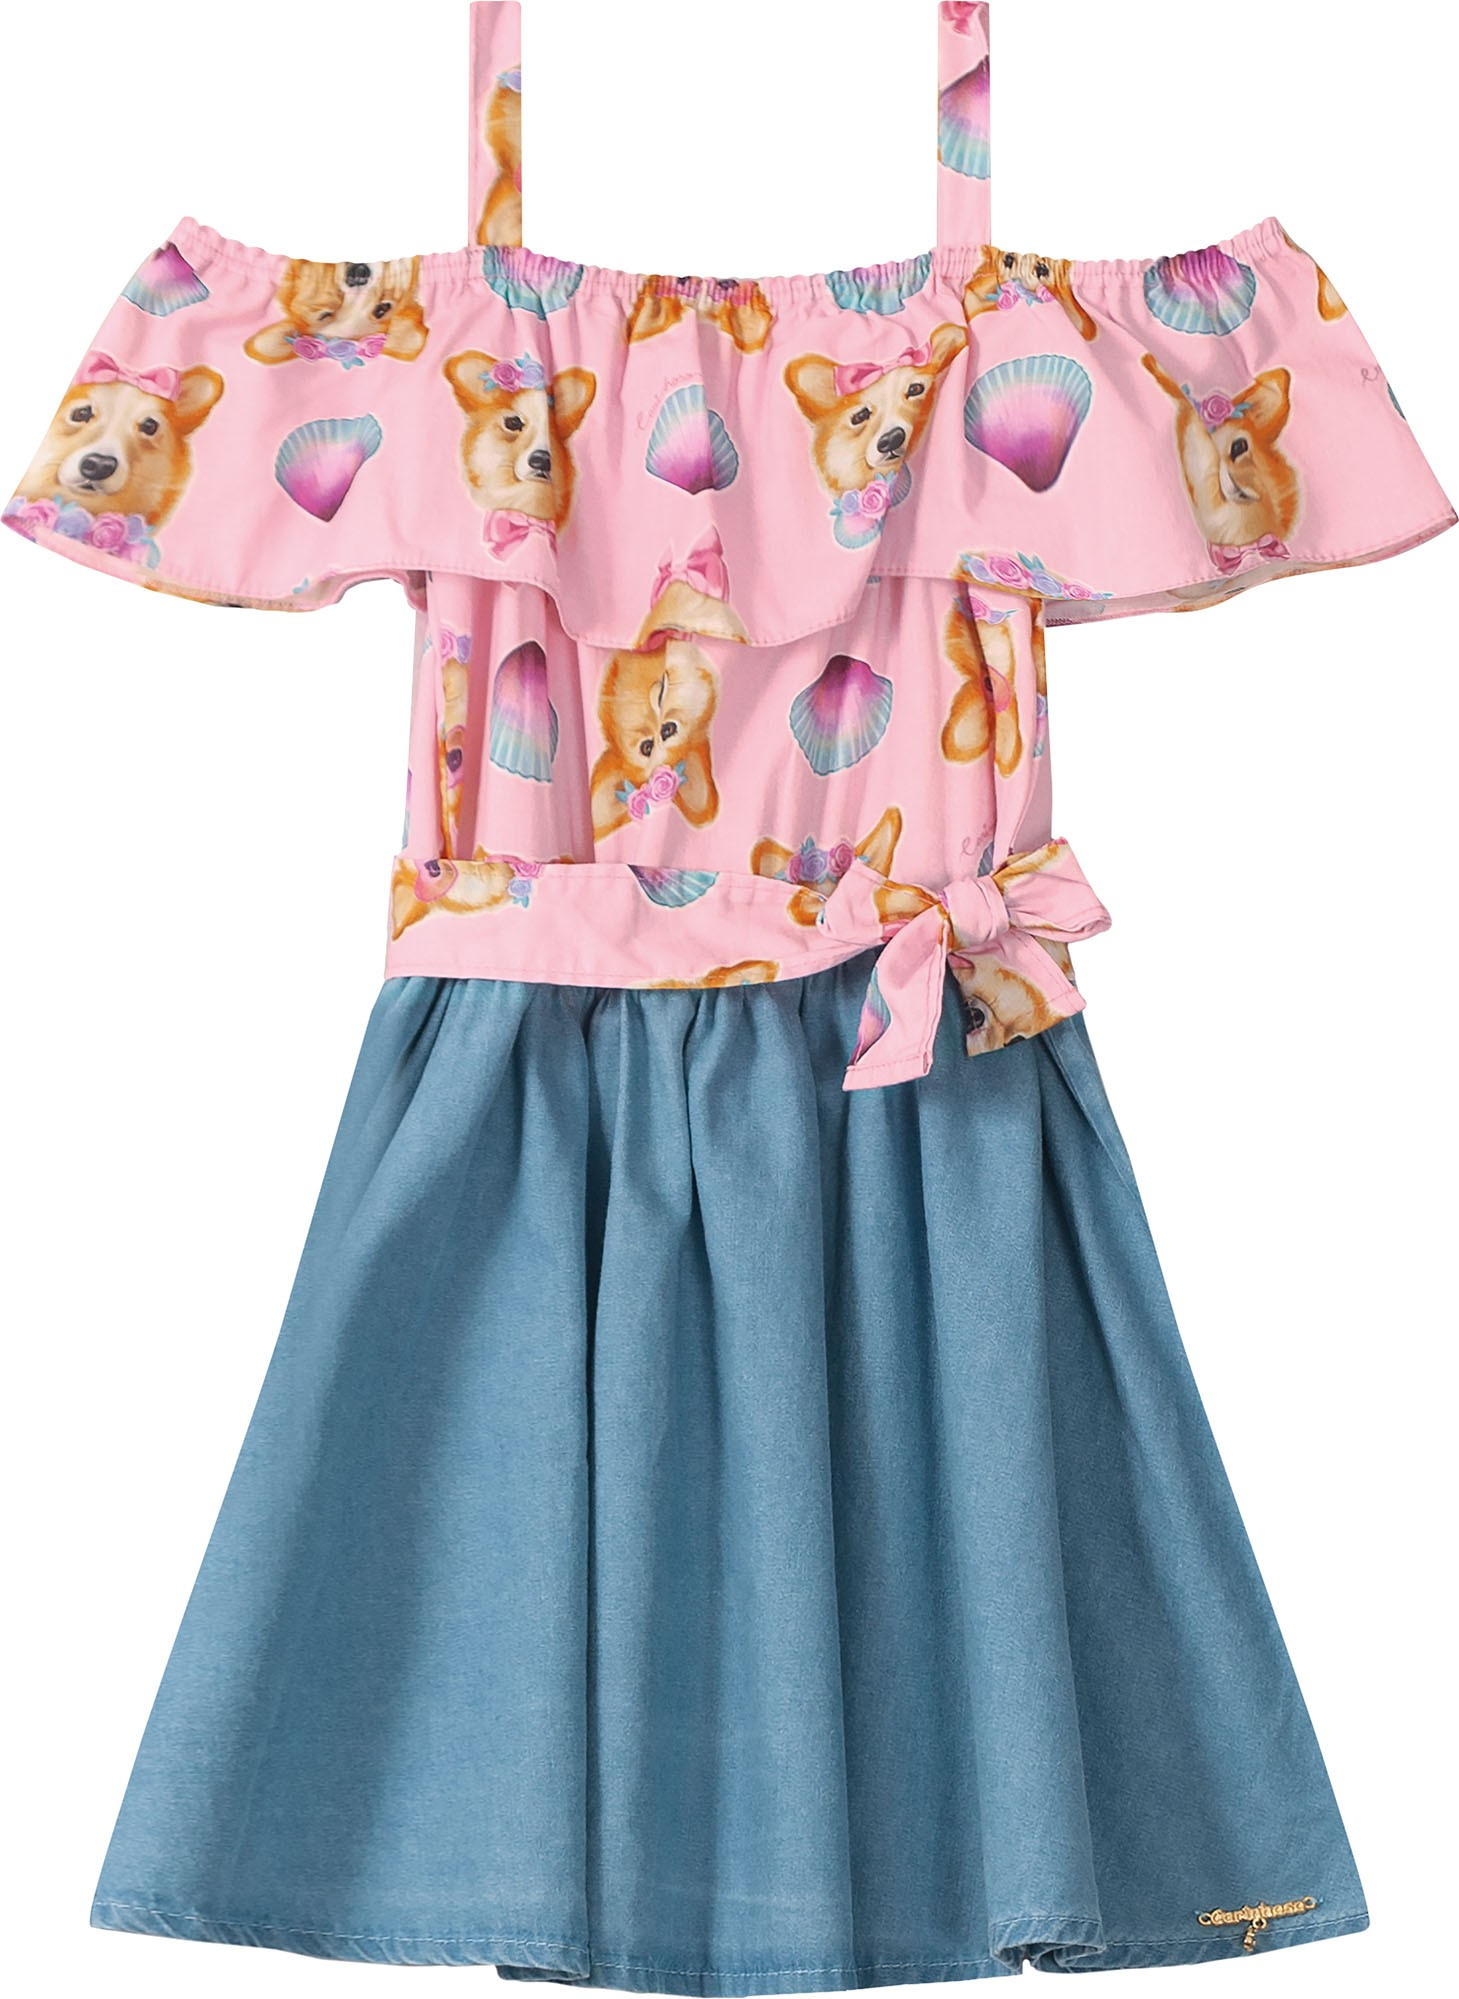 Vestido Ciganinha estampa cachorros com fundo rosa e Jeans leve - Tam 08 a 14 anos